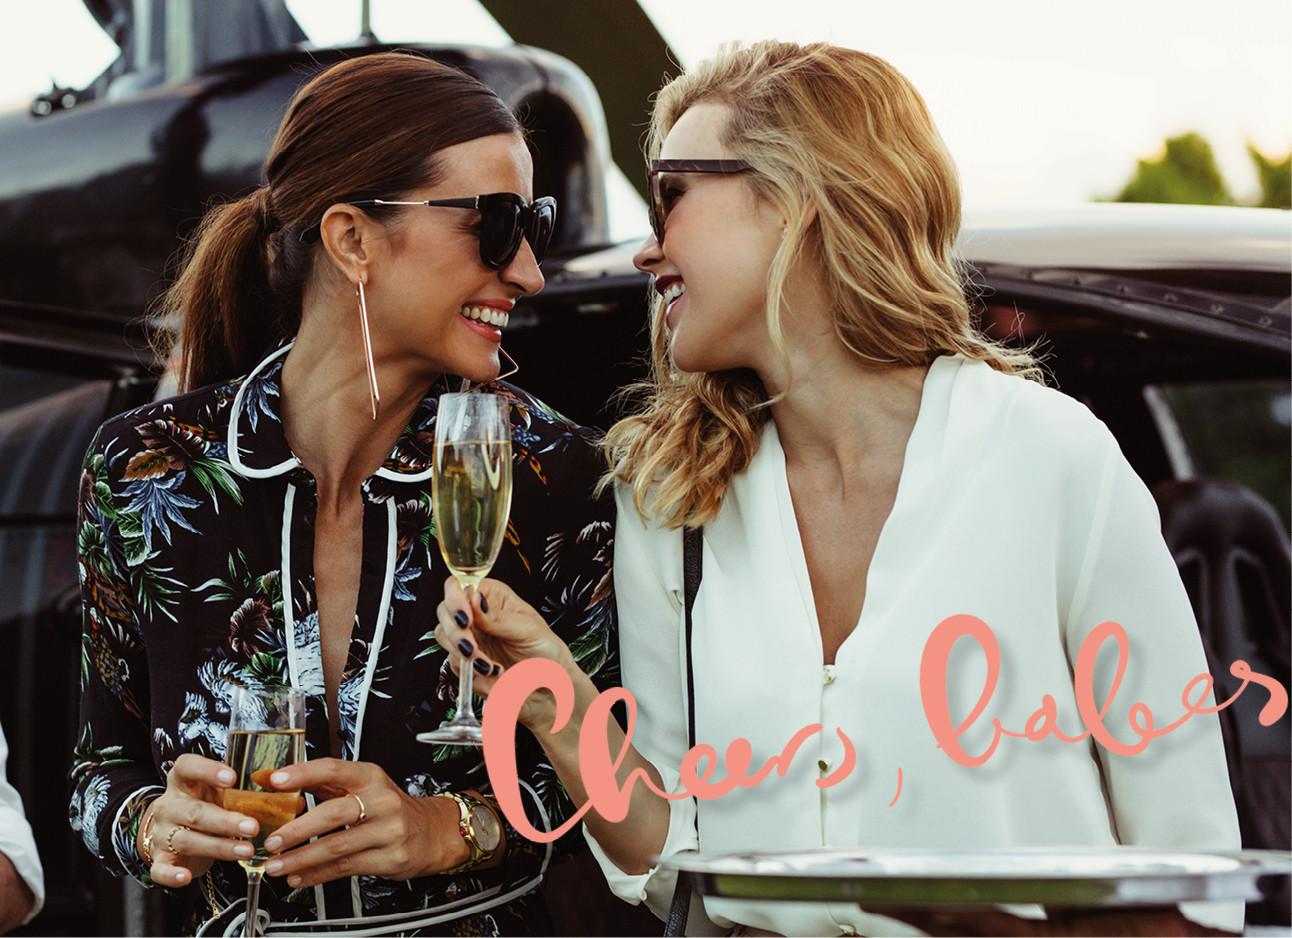 twee dames stappen uit een helikopter, ze dragen zonnebrillen, drinken champagne en lachen naar elkaar. cheers babes